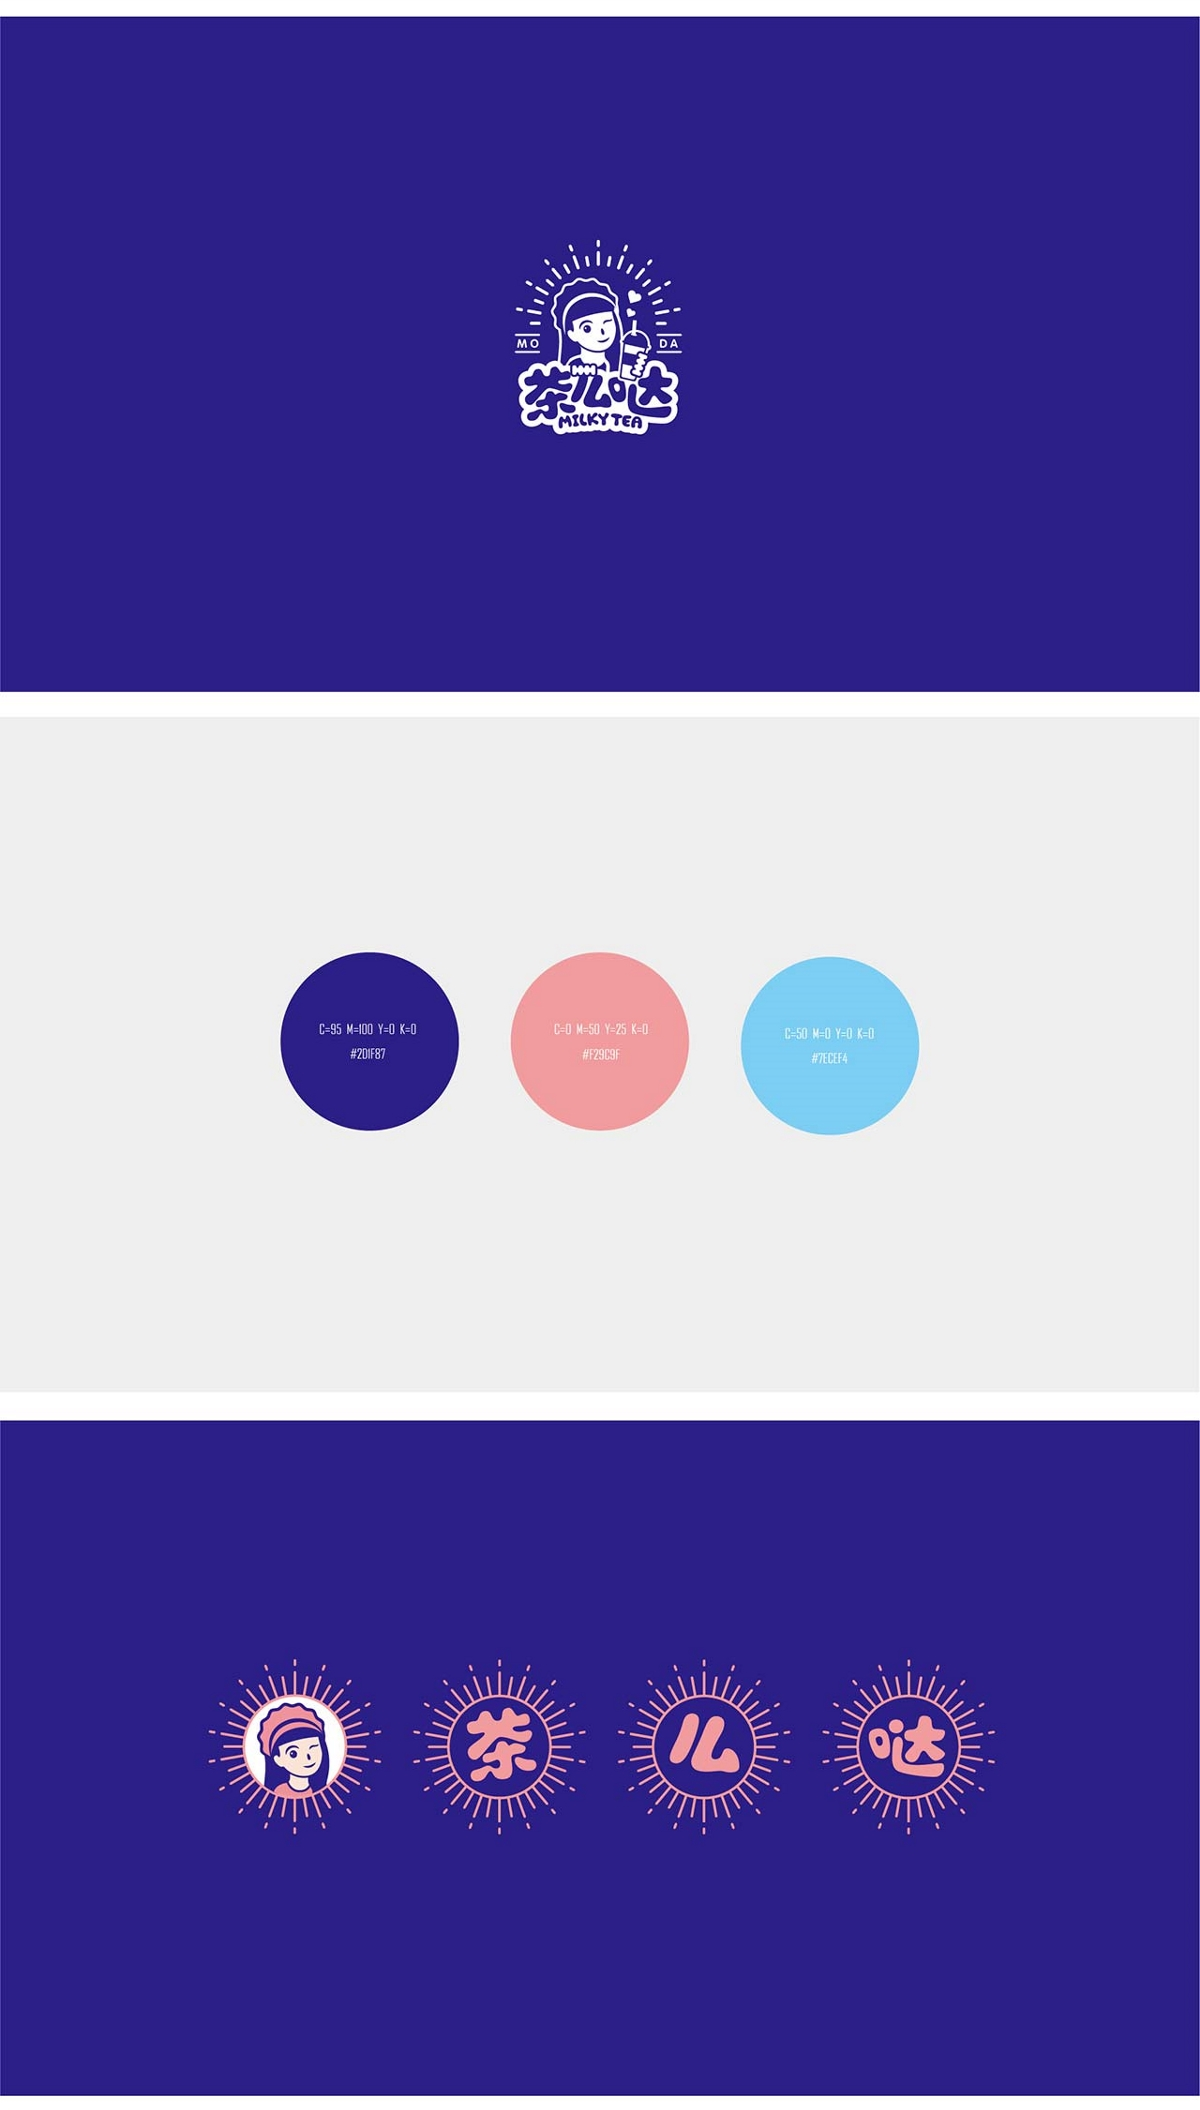 奶茶茶饮/快餐品牌设计-卡通logo及VI应用